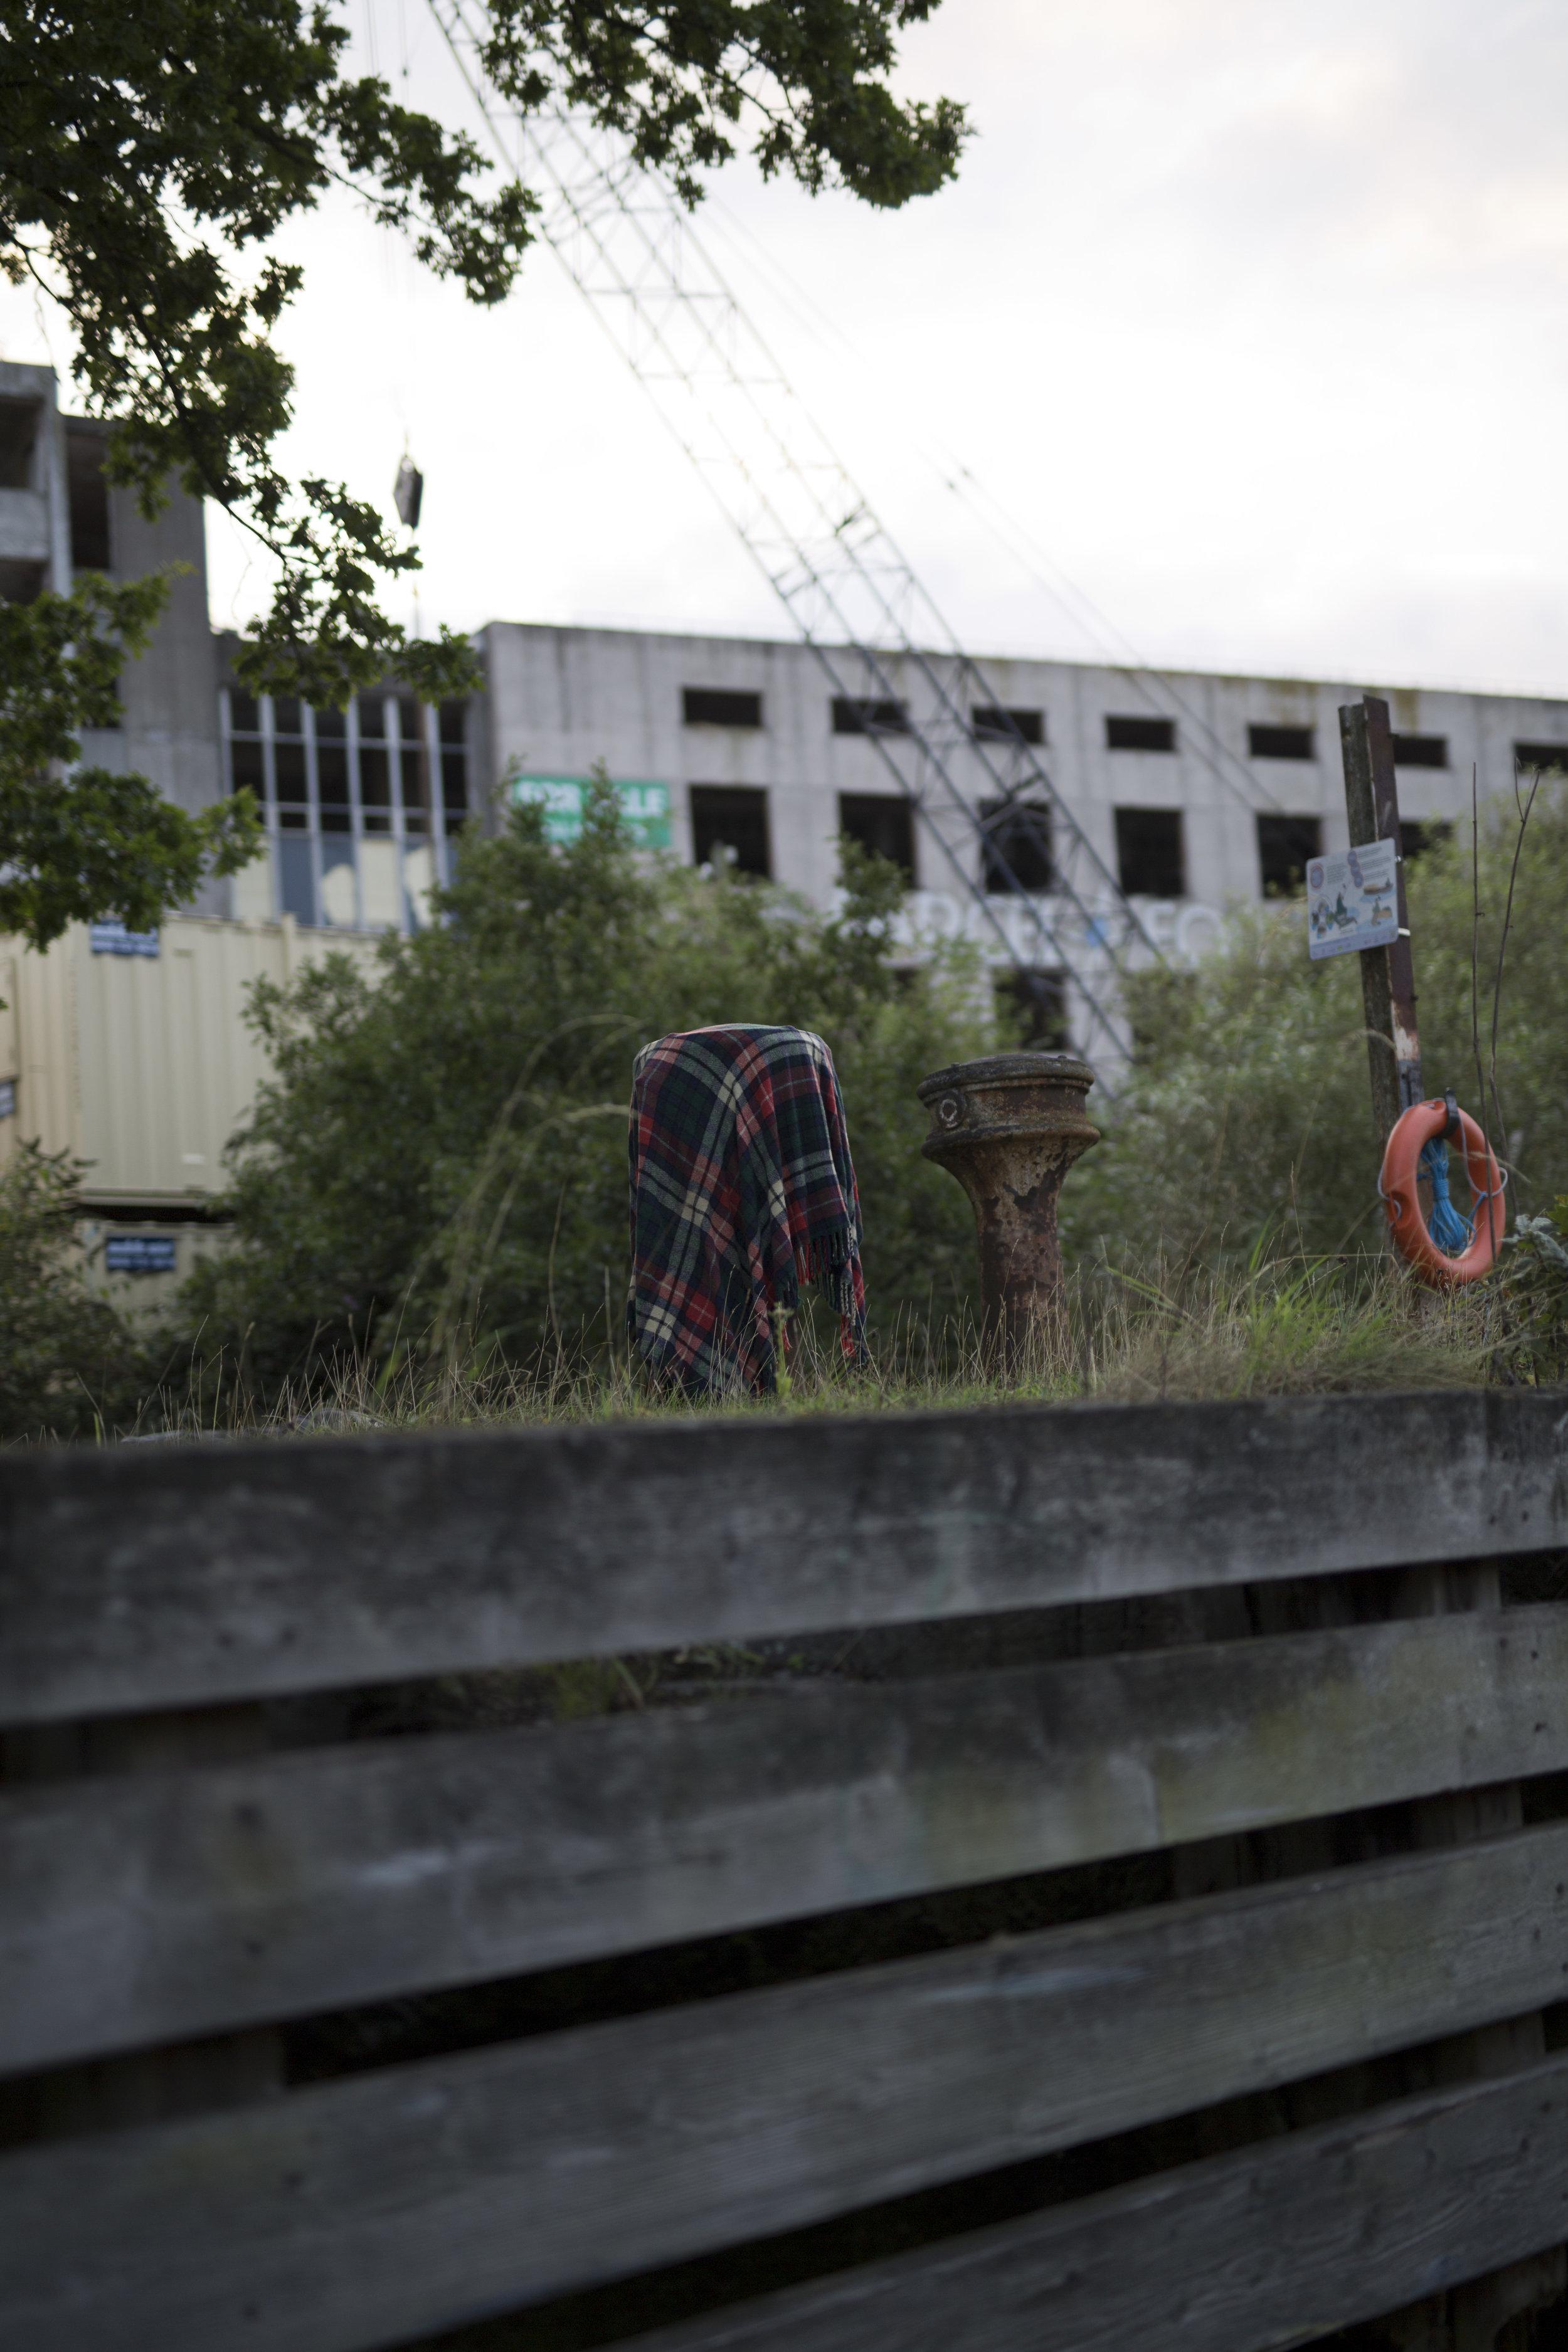 26_Photo©RoserDiaz_courtesy of Bristol Biennial.JPG